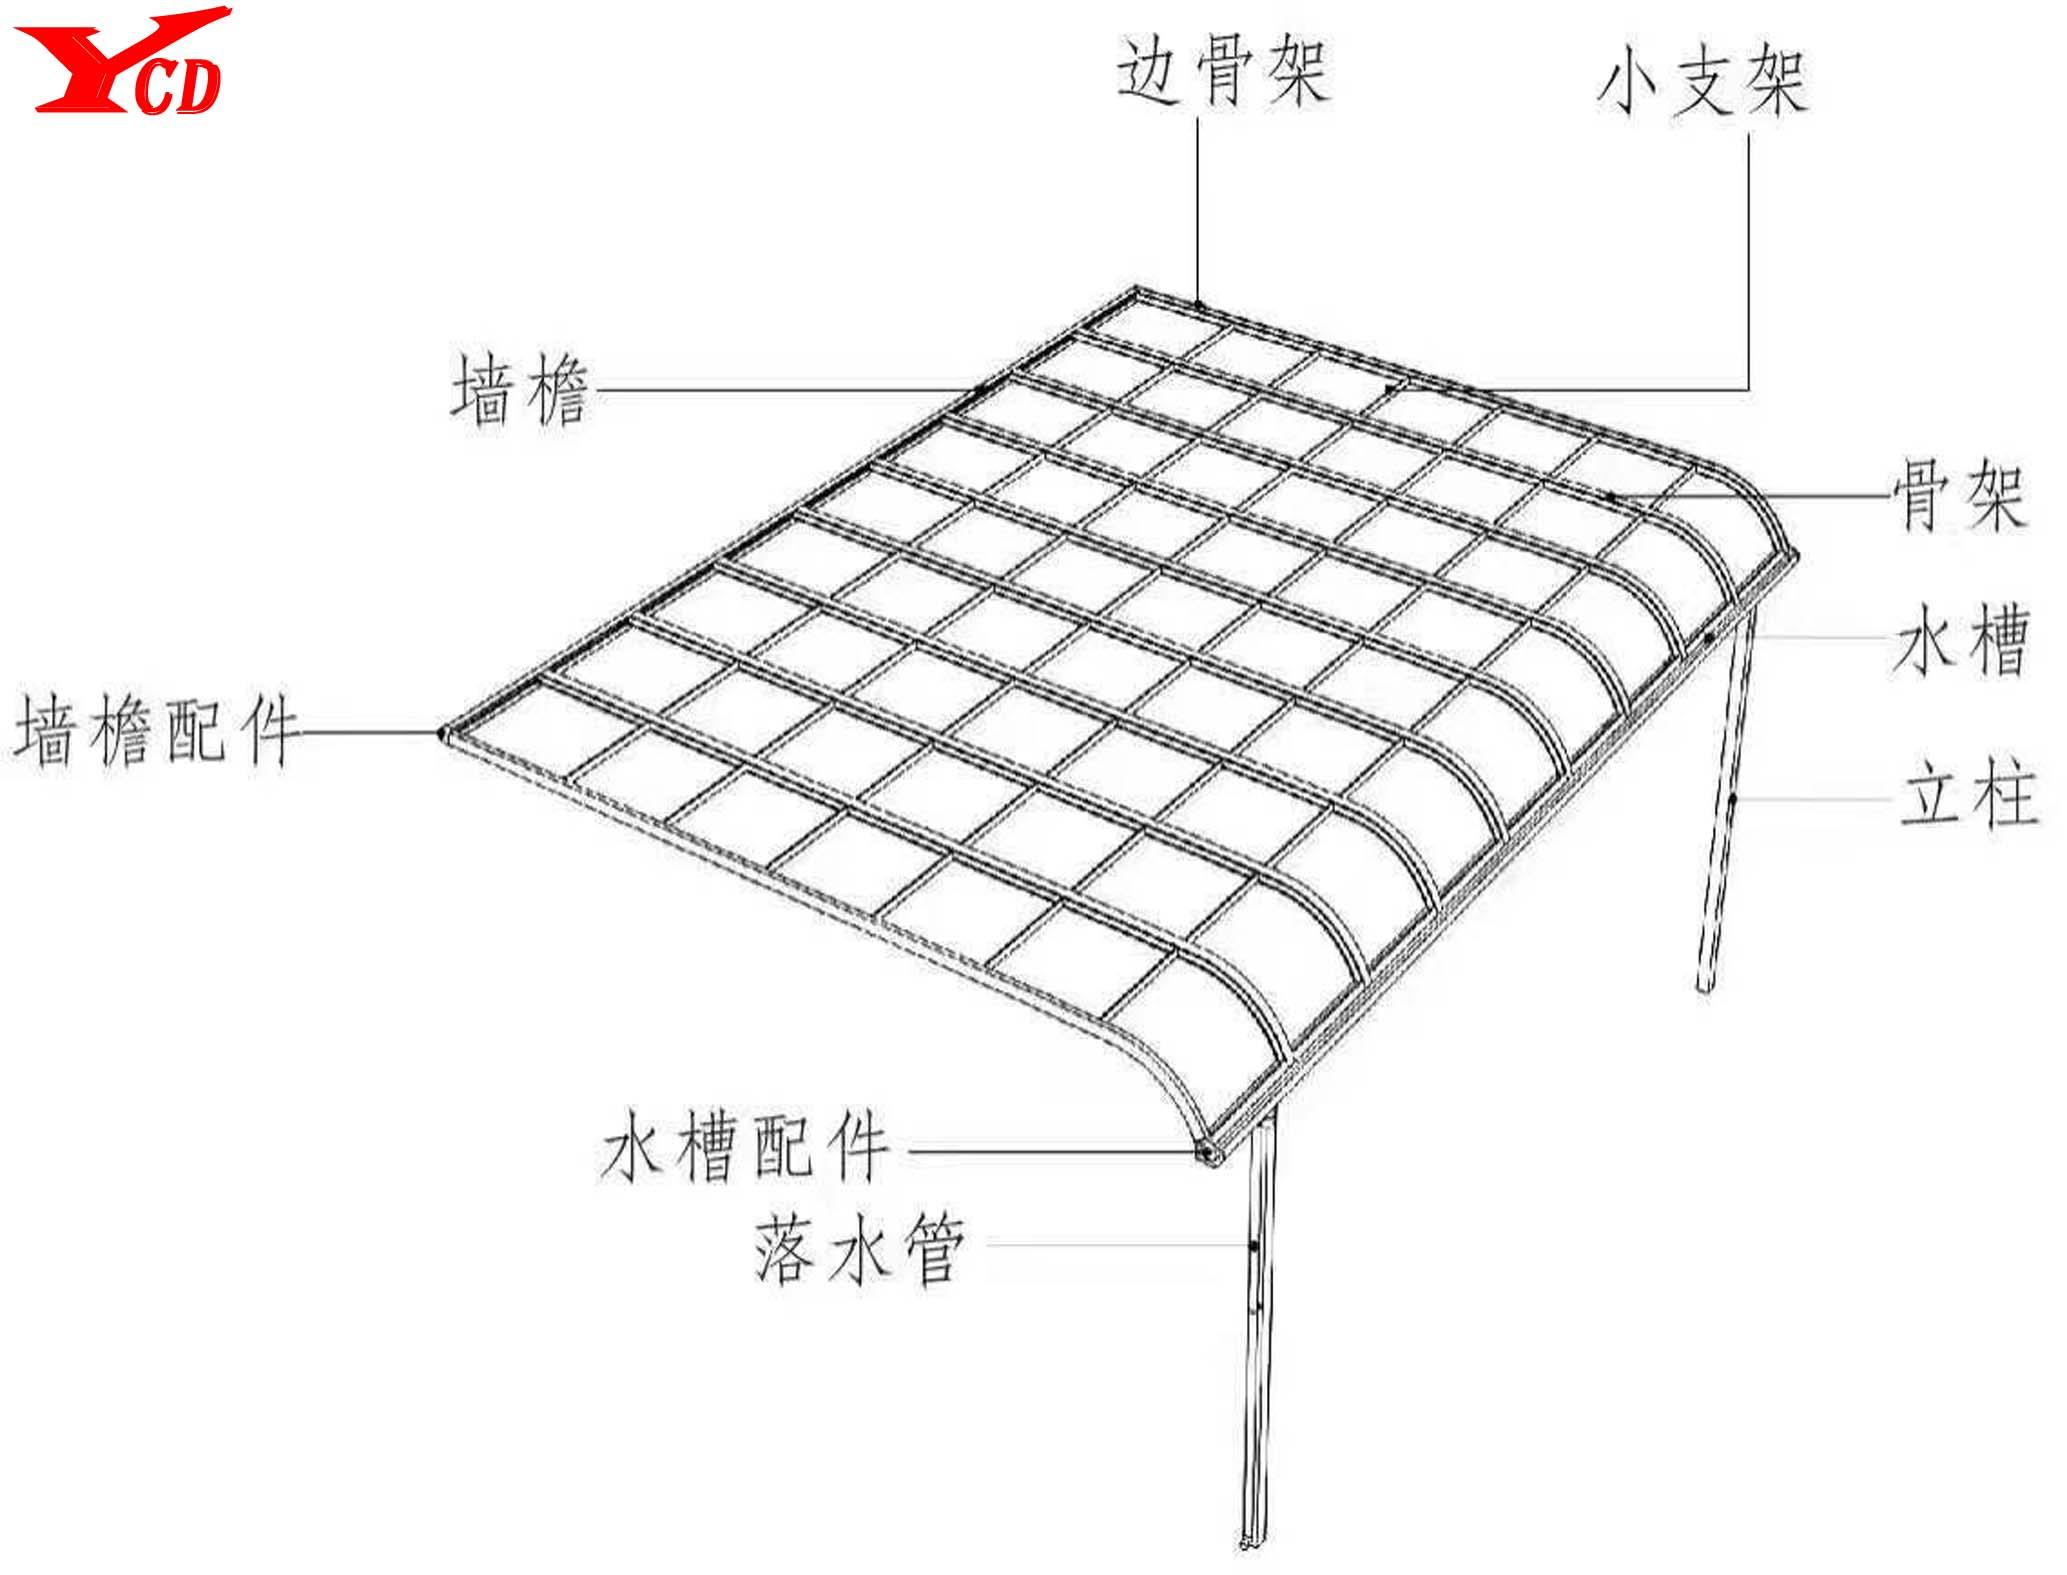 露台棚|露台棚-山东亿彩达遮阳节能科技有限公司